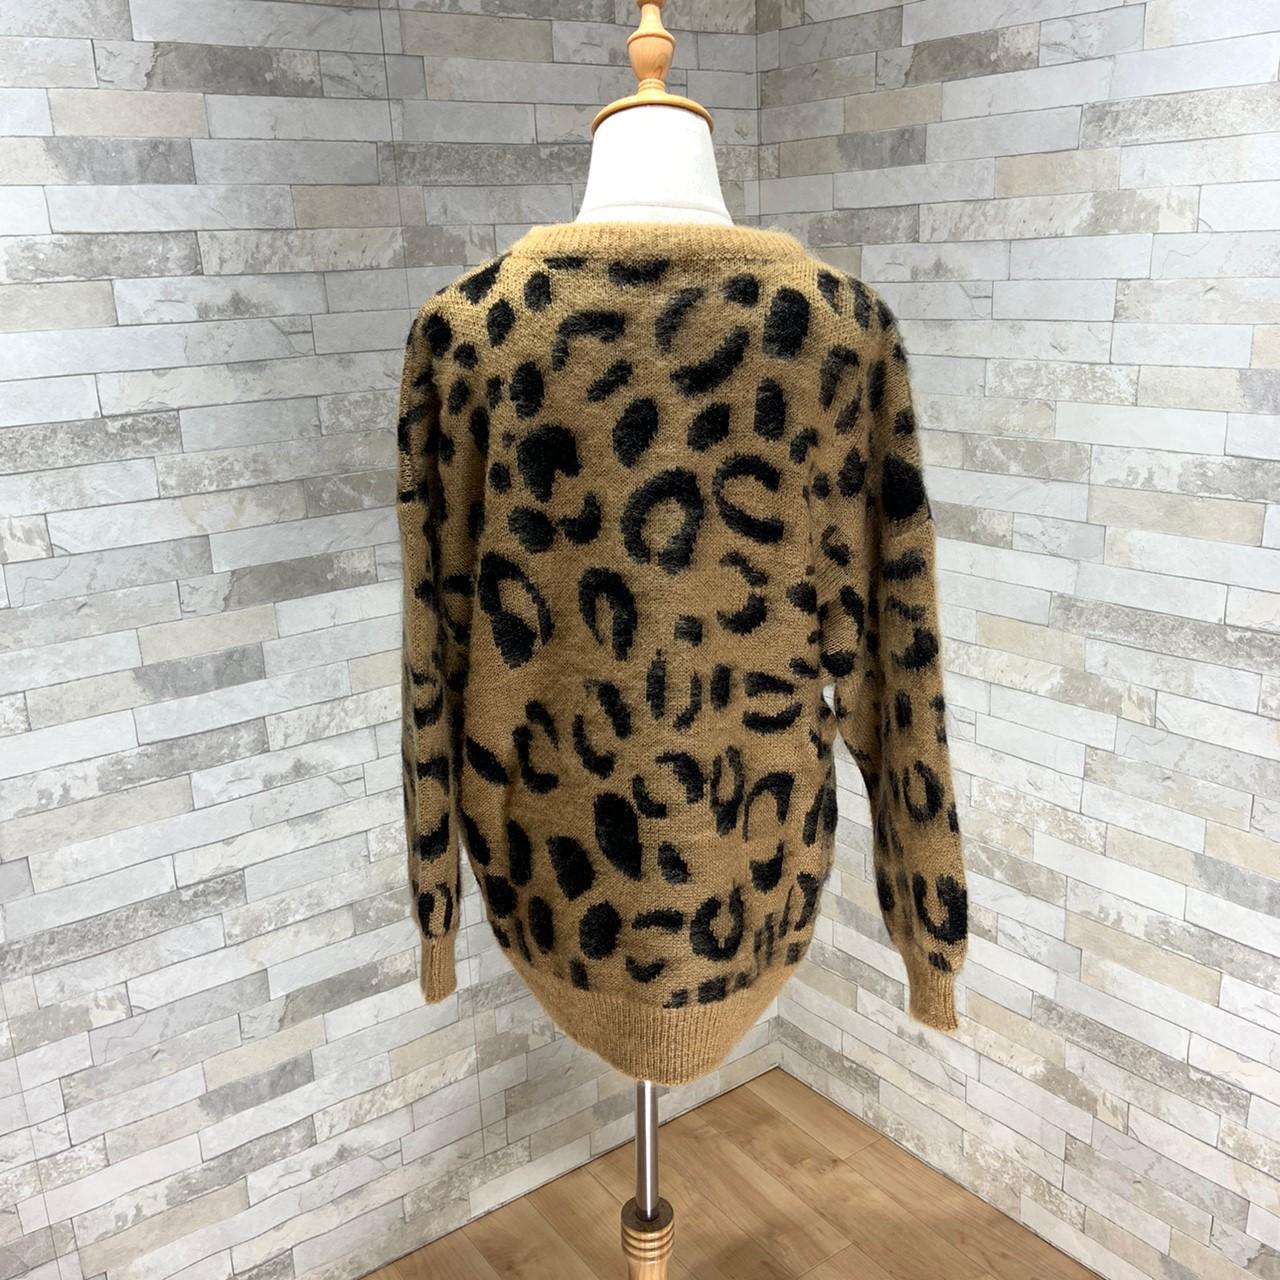 韓国 ファッション トップス ニット セーター 秋 冬 カジュアル PTXG571  ふわふわ 起毛 ビッグシルエット スウェット オルチャン シンプル 定番 セレカジの写真5枚目